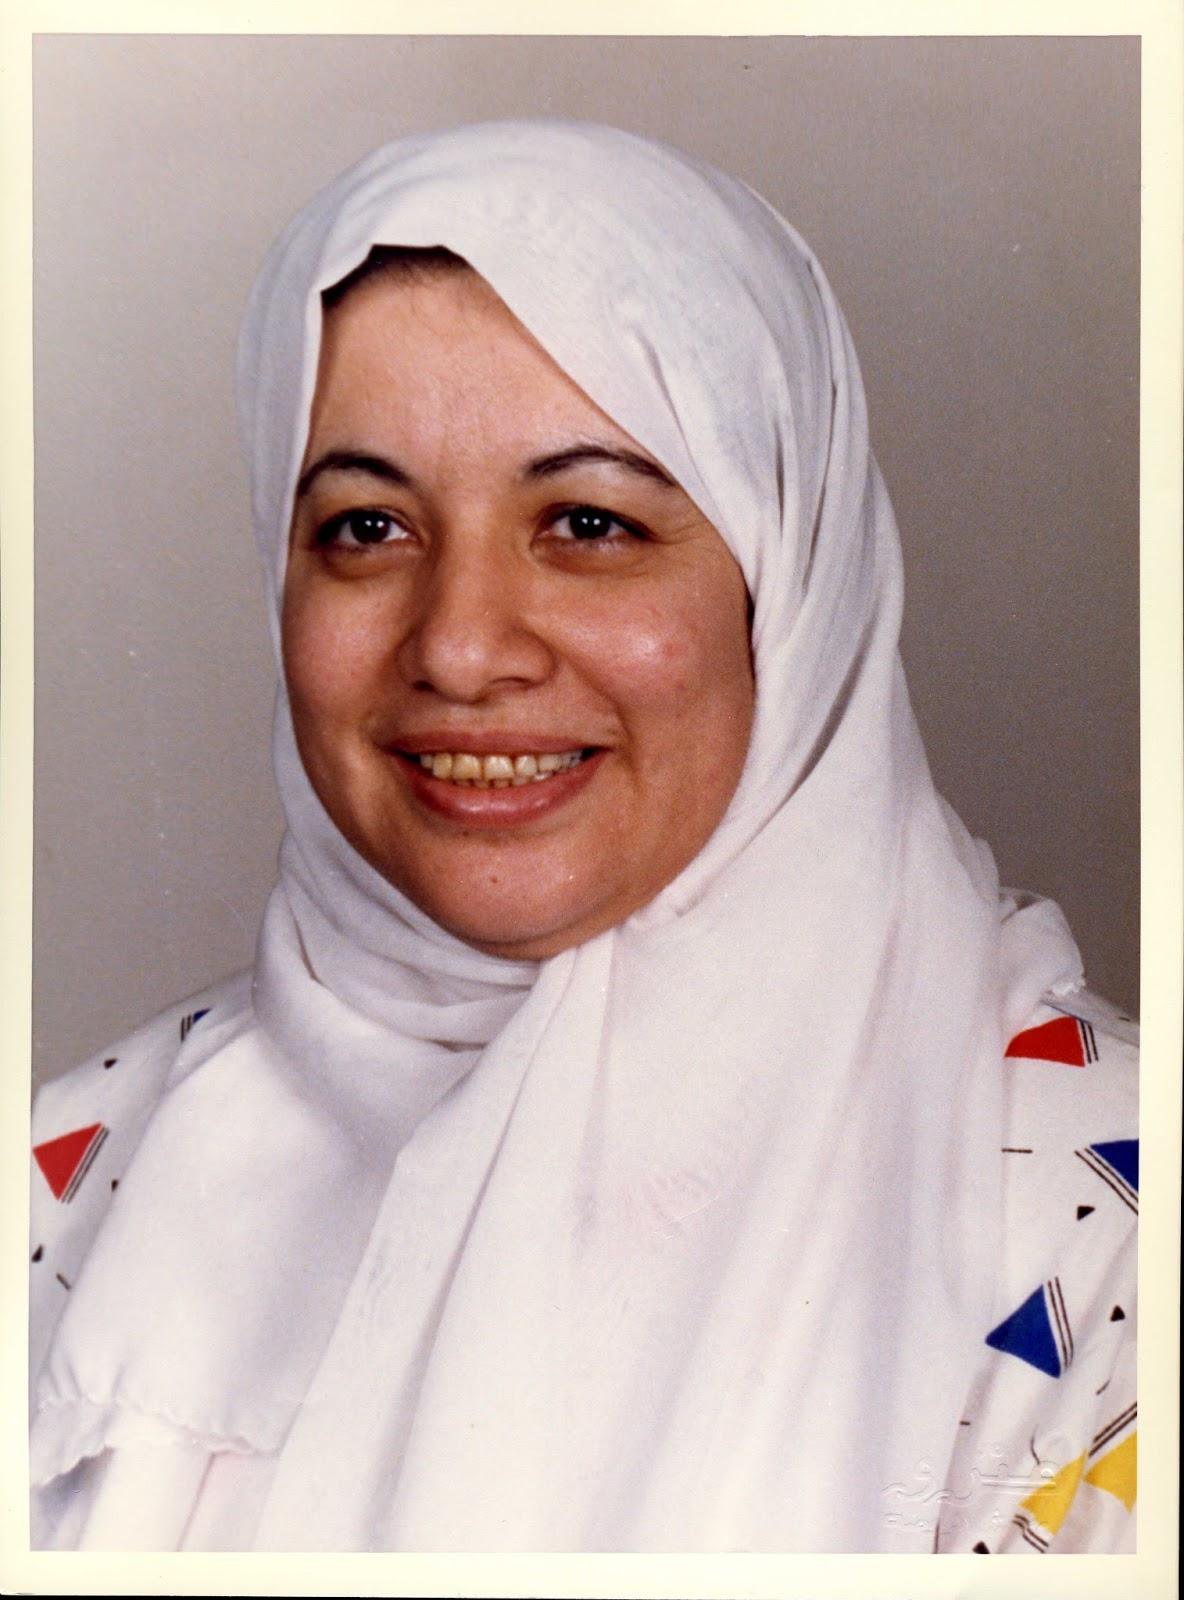 """مراجعات على برنامج صحوة حلقة 22″ توظيف الدين لخدمة السياسة"""" (16) الوجودية وأثرها على  الأدب العربي"""